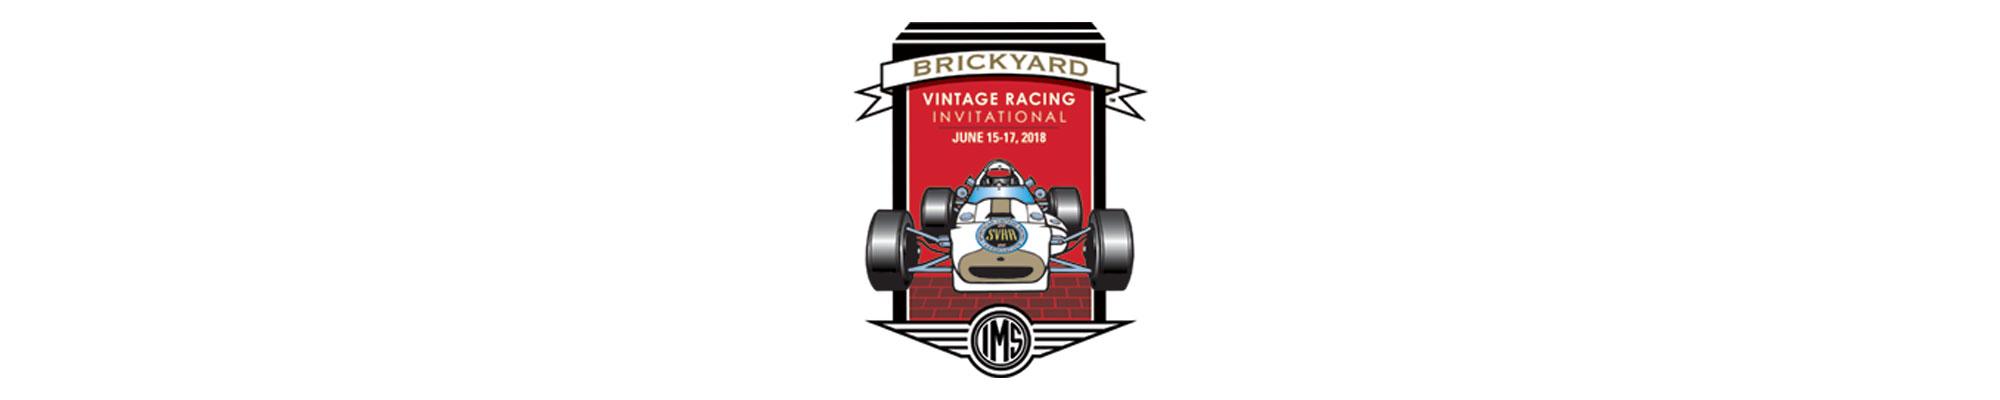 header-ims-brickyard-vintage-racing-2018.jpg